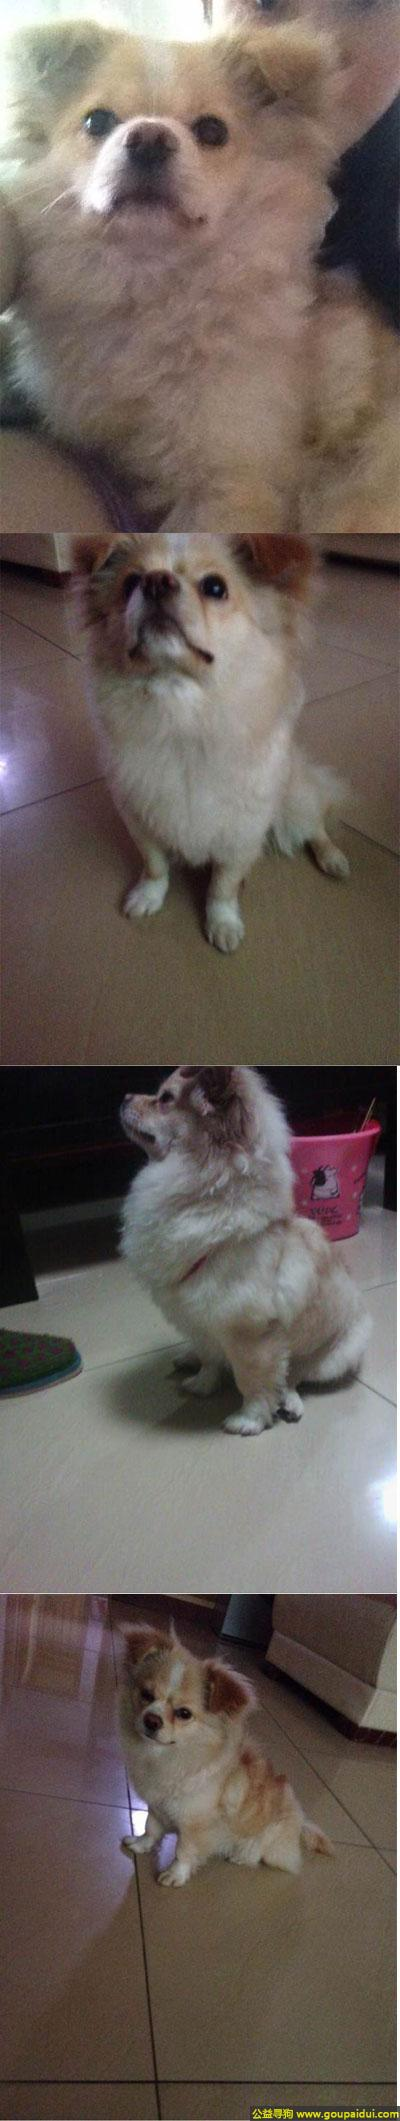 巴中寻狗启示,川巴中市平昌县寻狗名叫花花住在二中到三江大道附近的留意下,它是一只非常可爱的宠物狗狗,希望它早日回家,不要变成流浪狗。